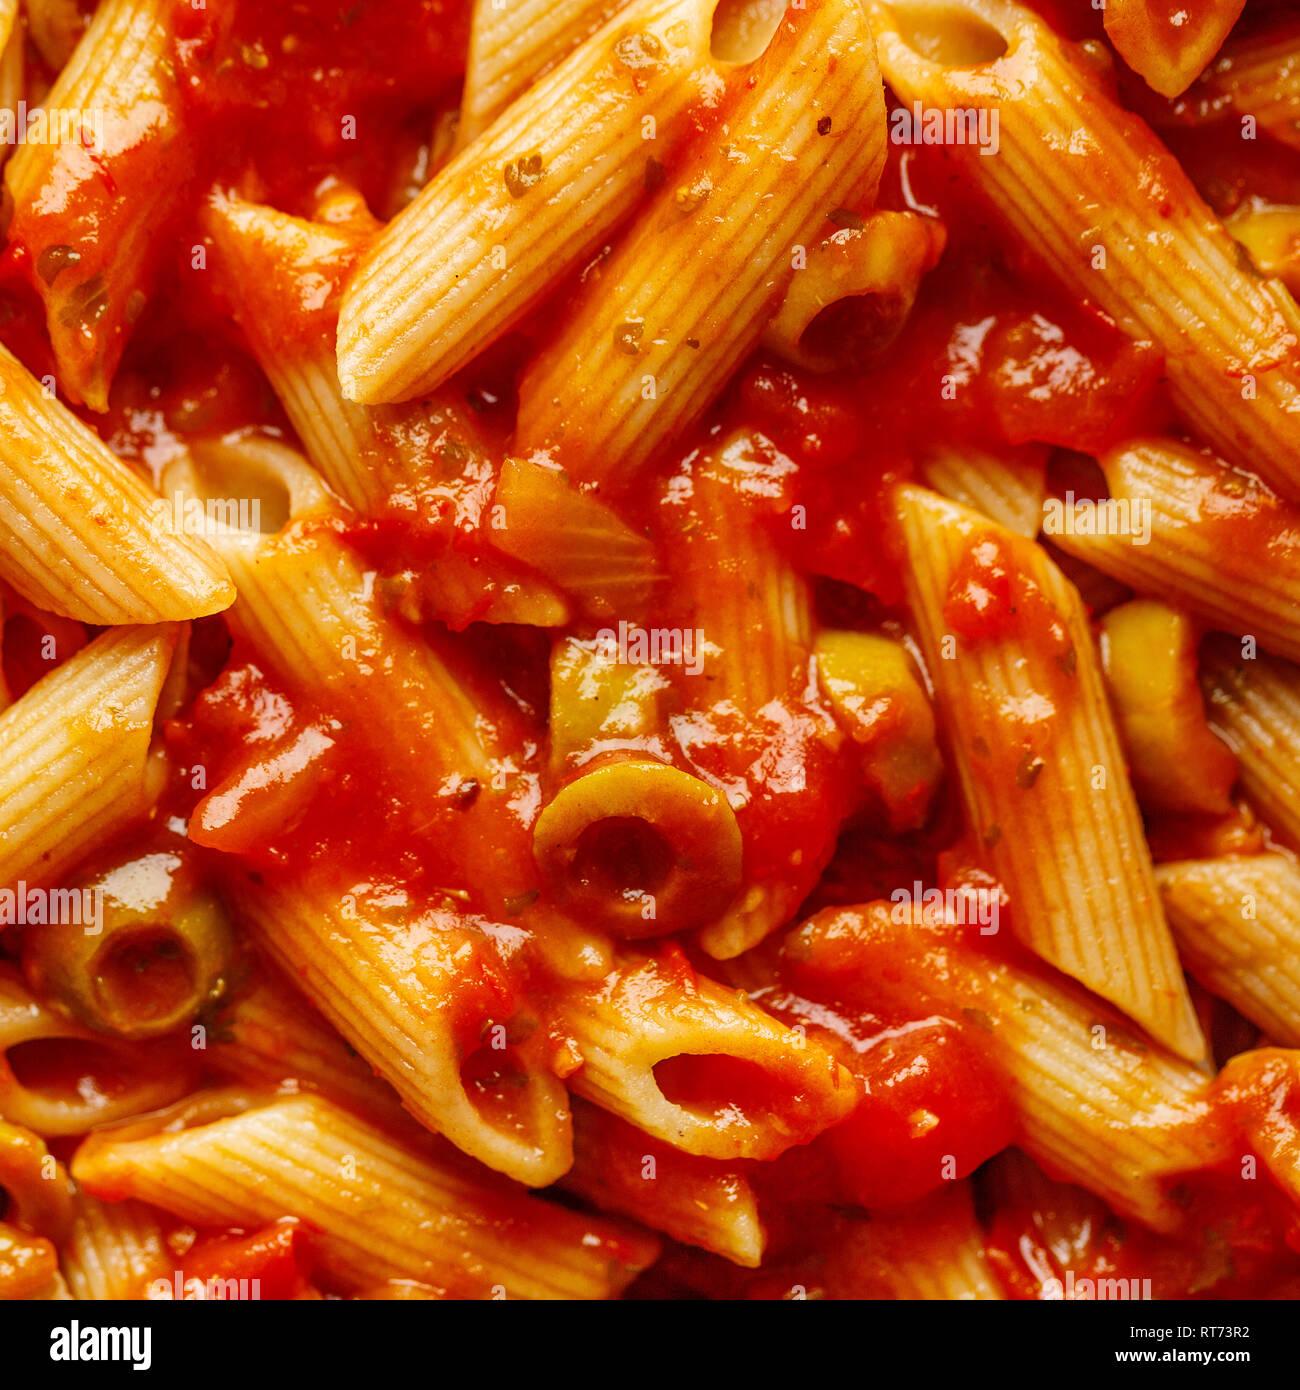 Primer plano de una sabrosa sabrosa pasta penne con salsa de tomate y aceitunas. Macro shot. Fondo oscuro. Closeup. Foto de stock